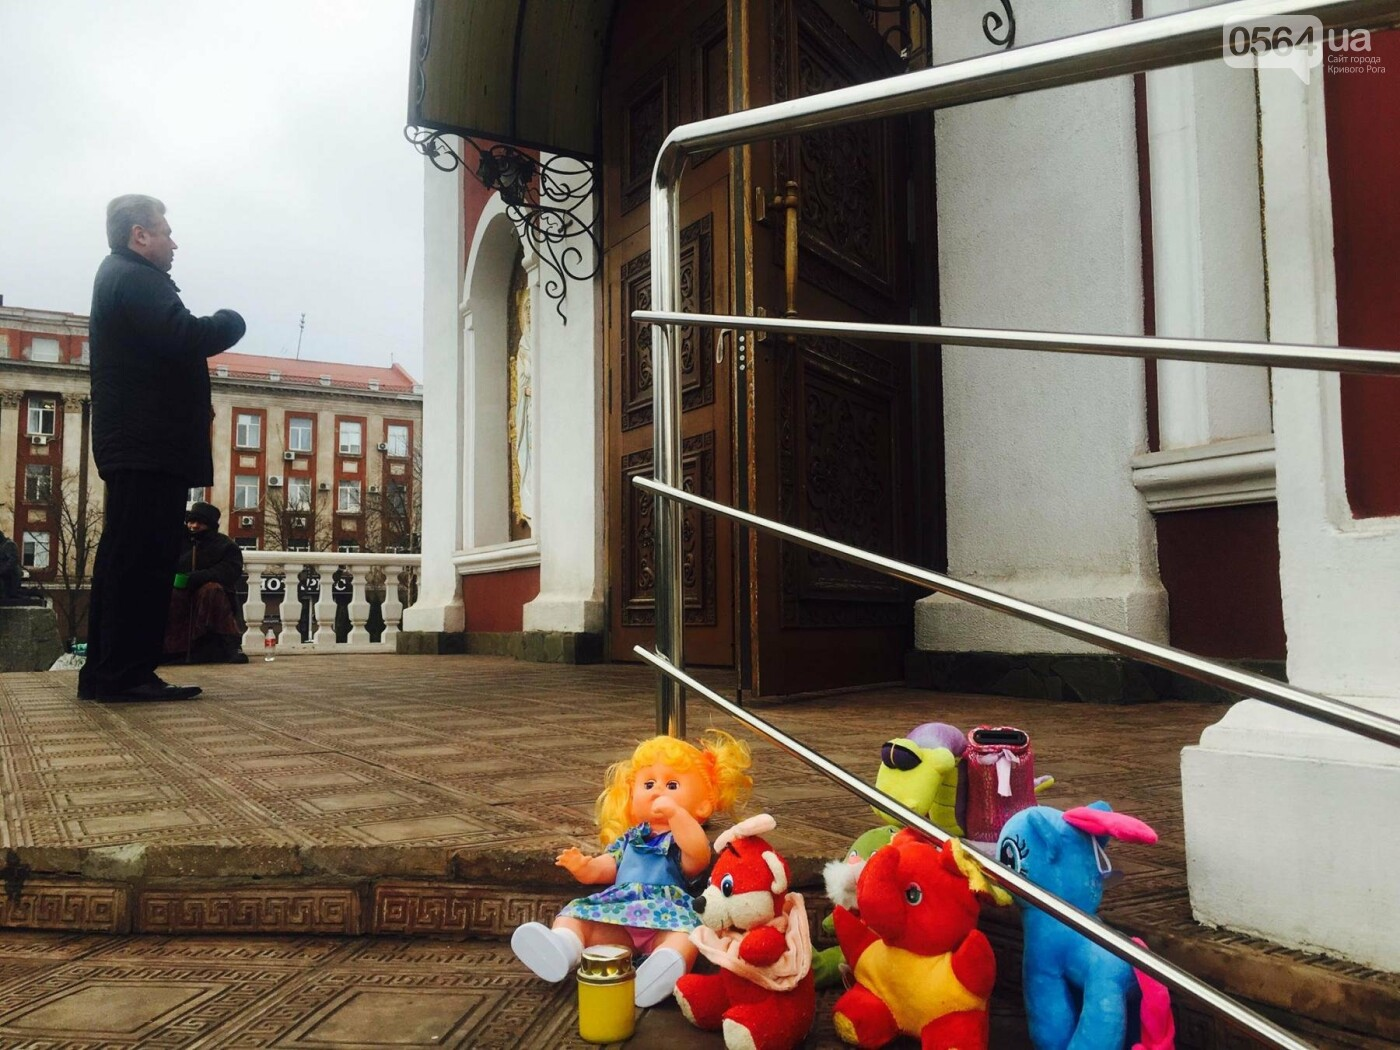 Криворожане, протестуя против политики УПЦ Московского патриархата,  принесли игрушки к храму (ФОТО, ВИДЕО), фото-17